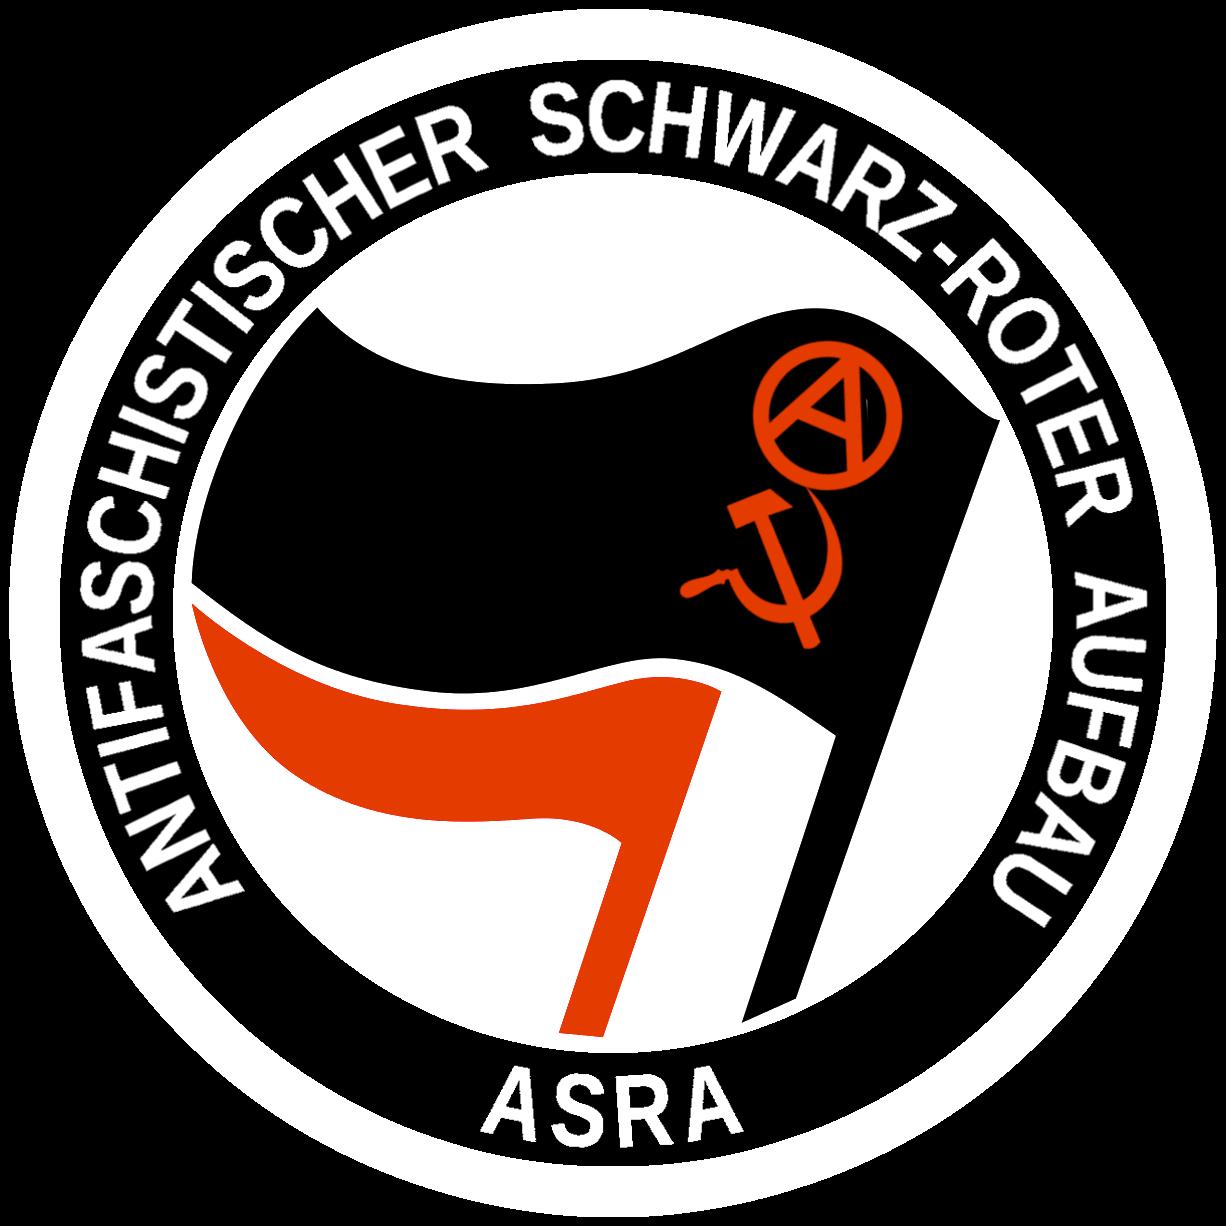 Antifaschistischer Schwarz-Roter Aufbau